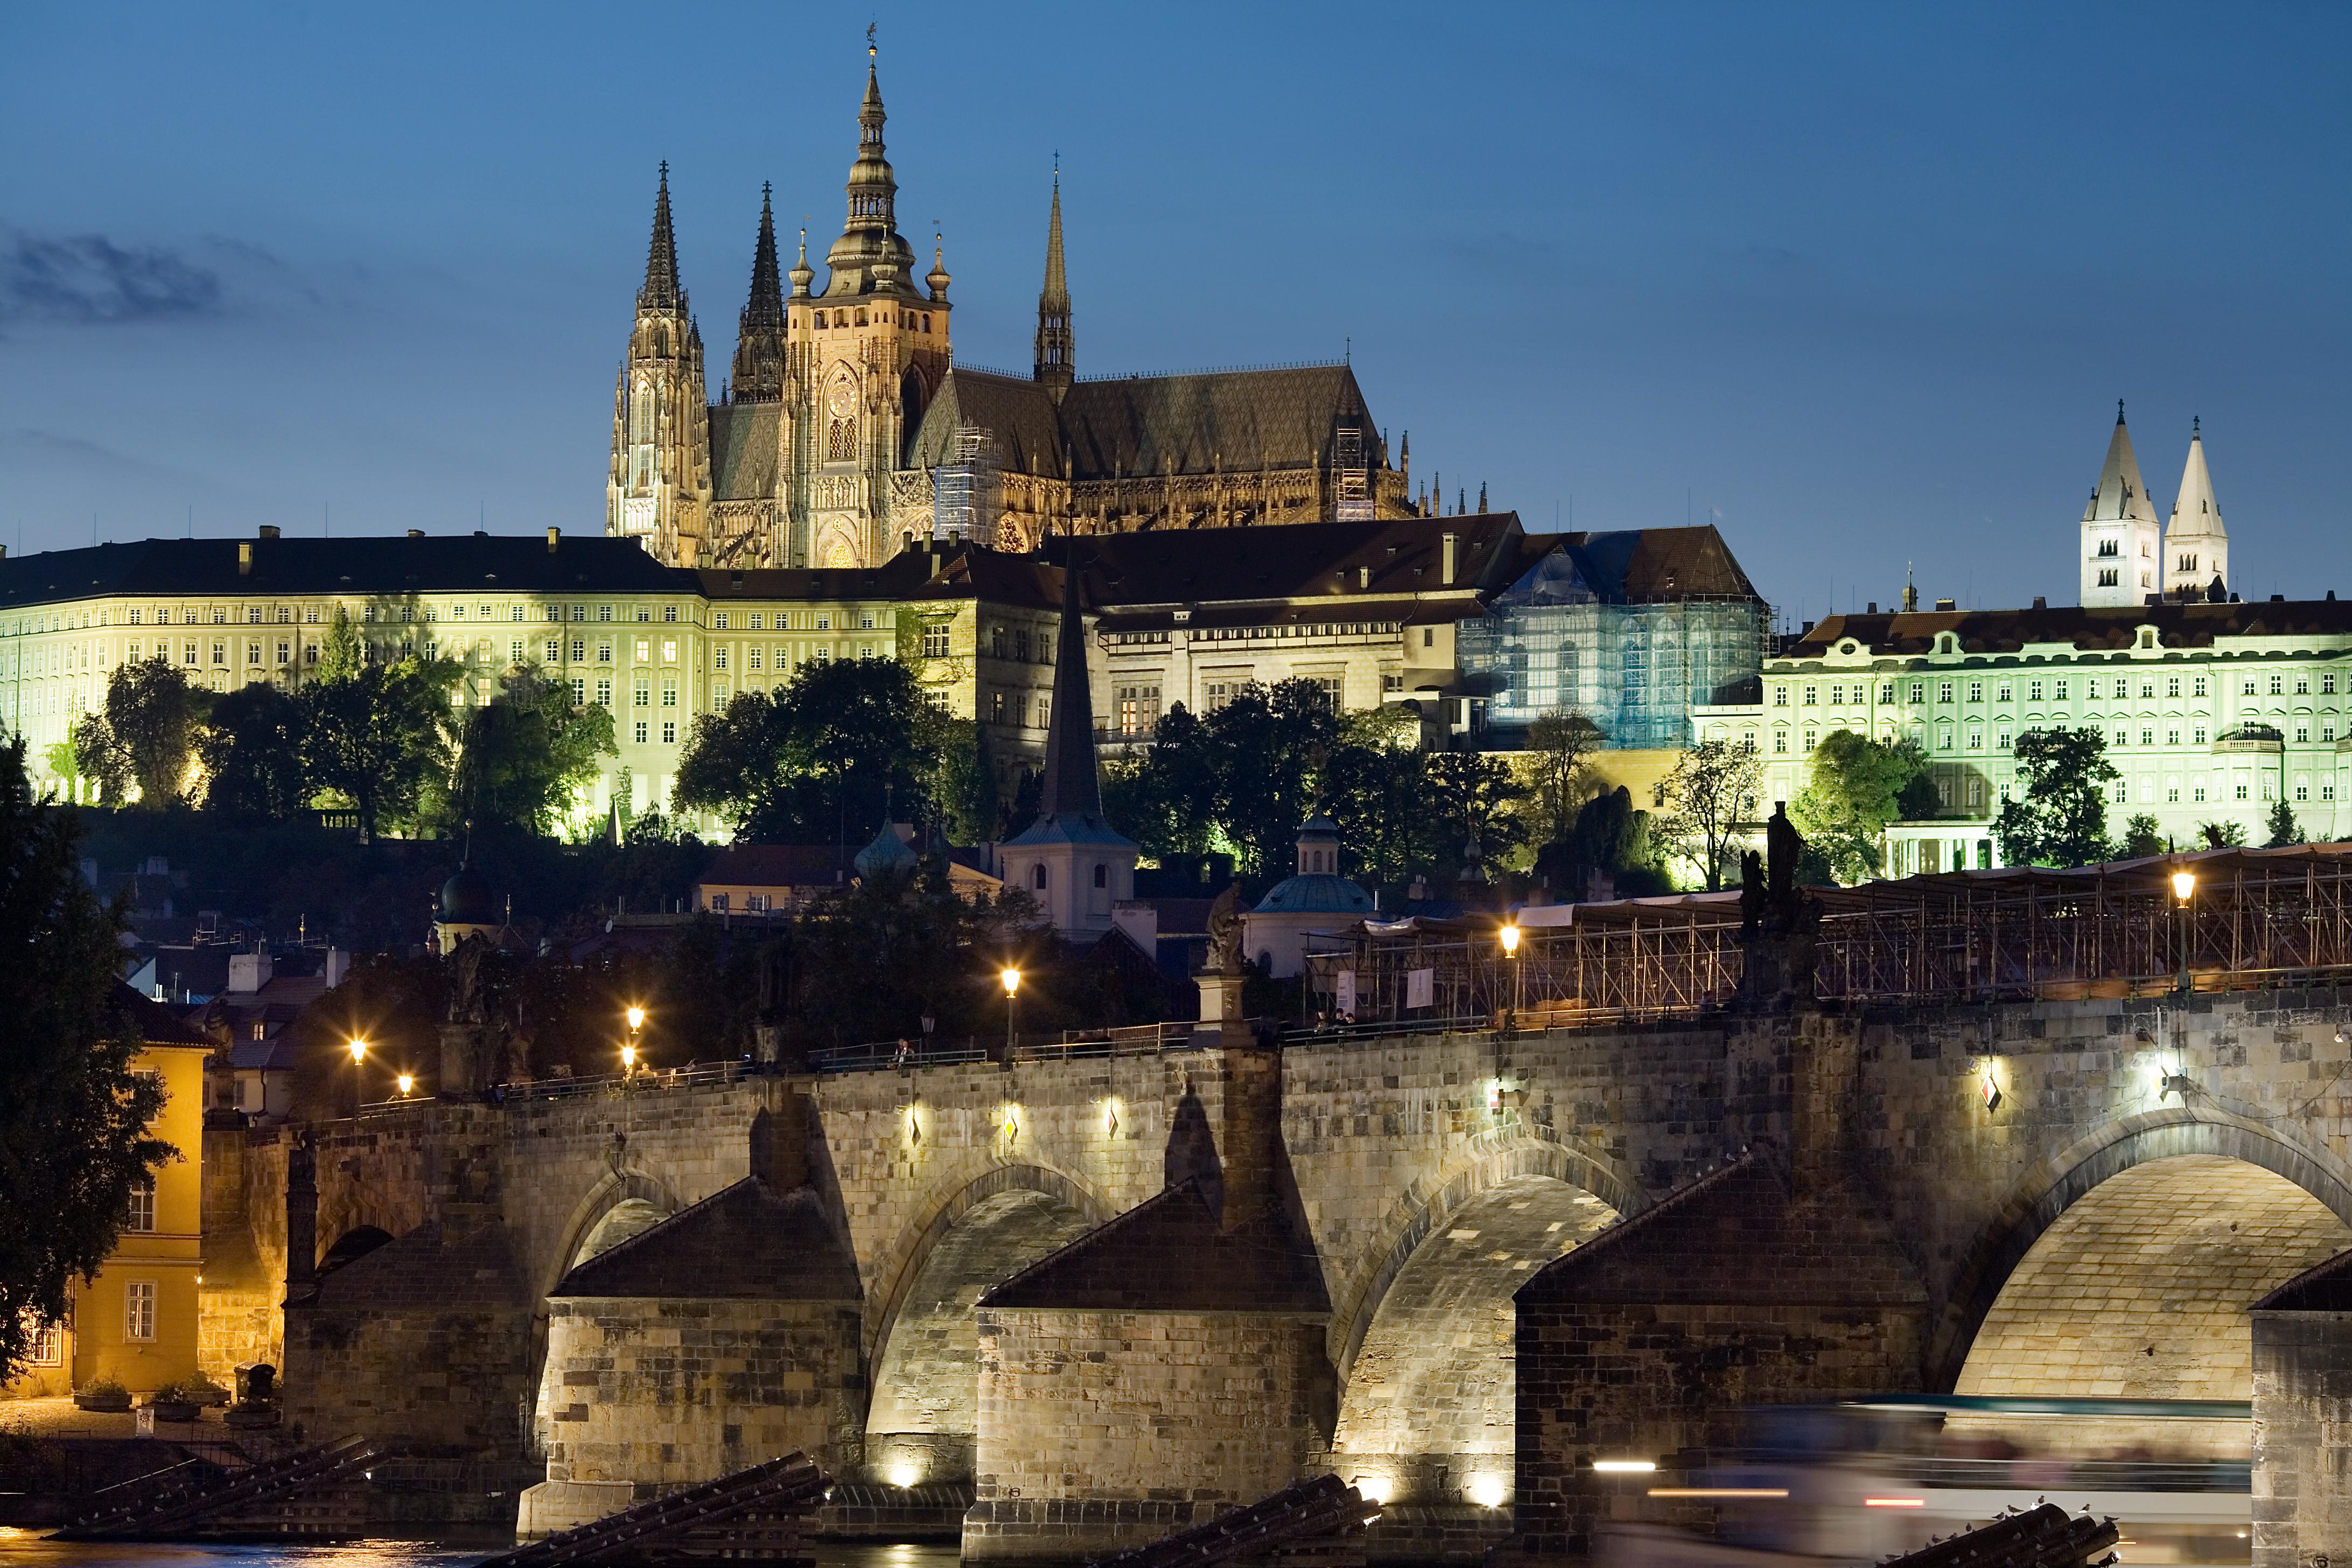 Castelul din Praga și Podul Carol